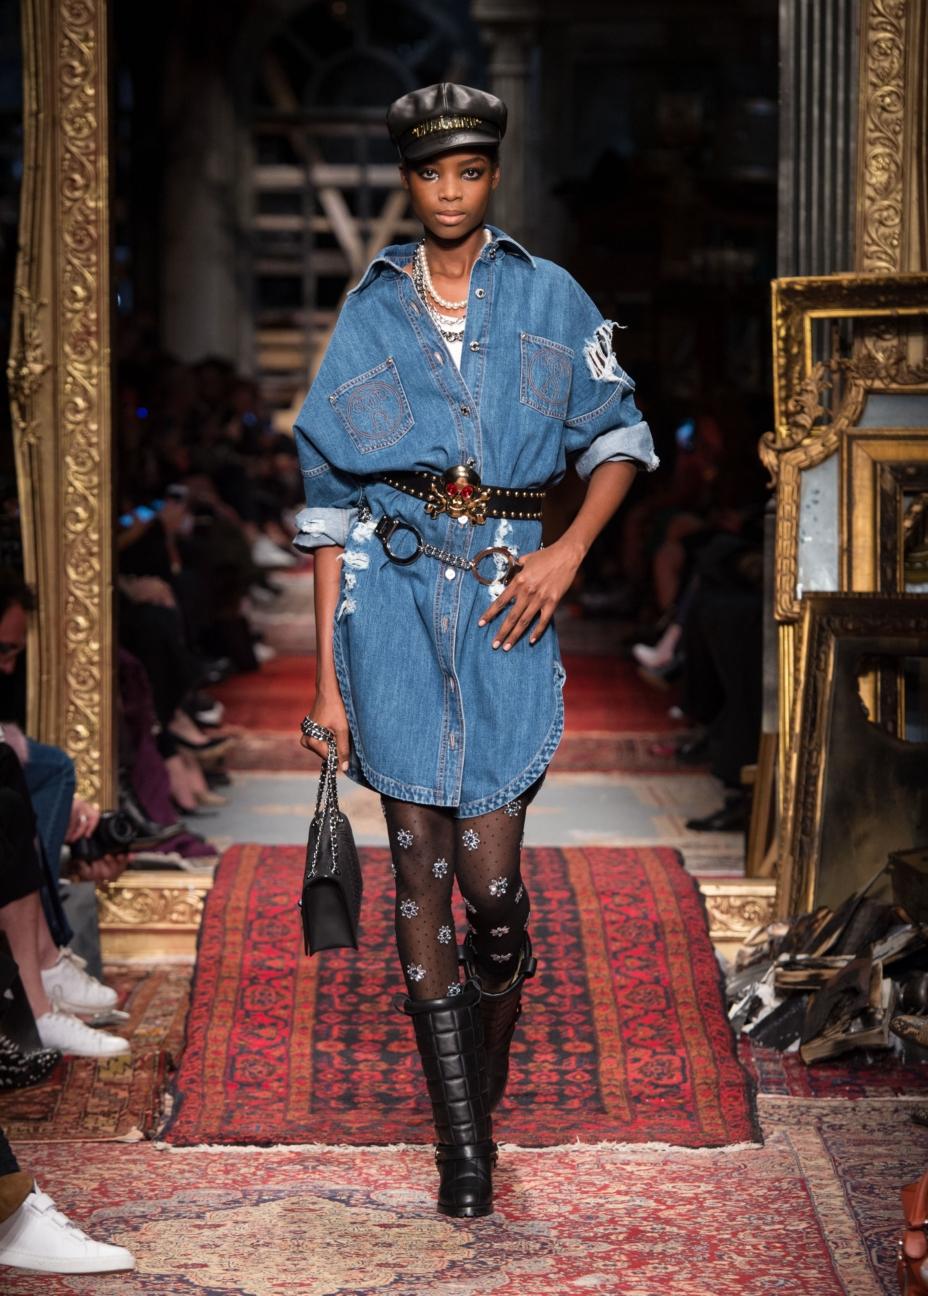 moschino-milan-fashion-week-aw-16-20